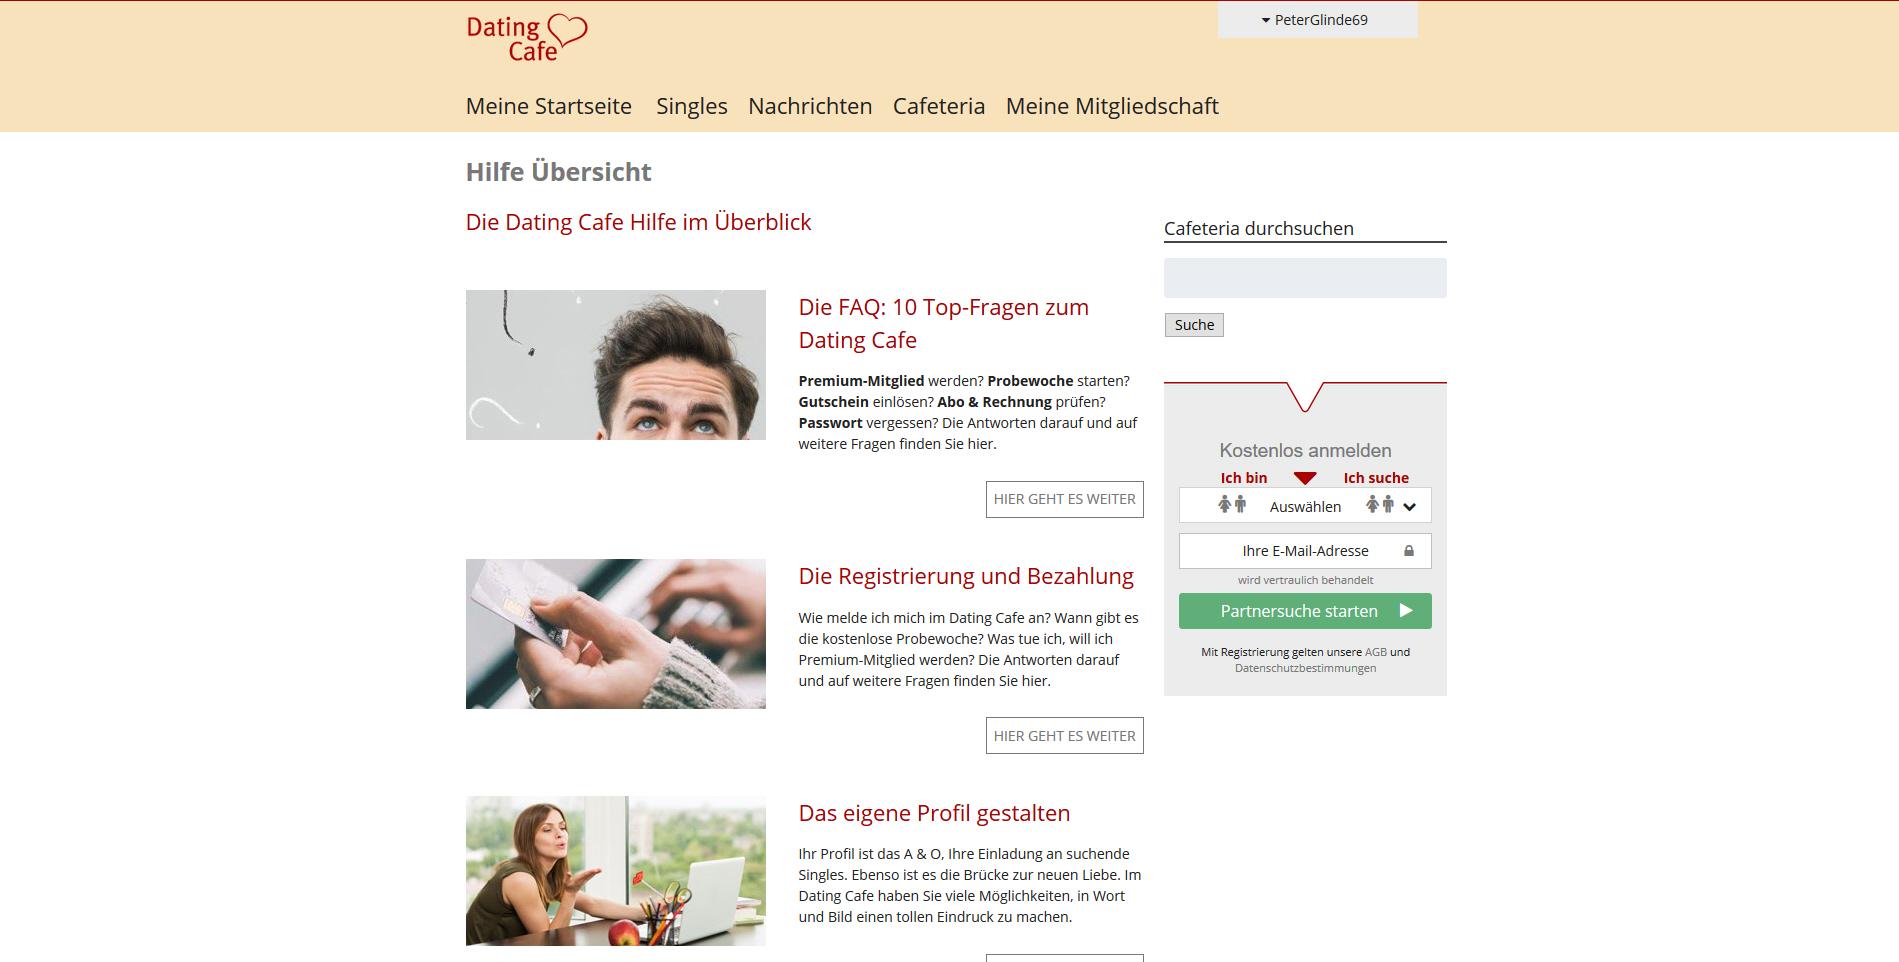 dating cafe erfahrungsbericht Erfolgreiches online-dating beginnt auch mit einem guten profiltext wie sie ihn optimieren und gleichgesinnte singles neugierig machen, erfahren sie hier.